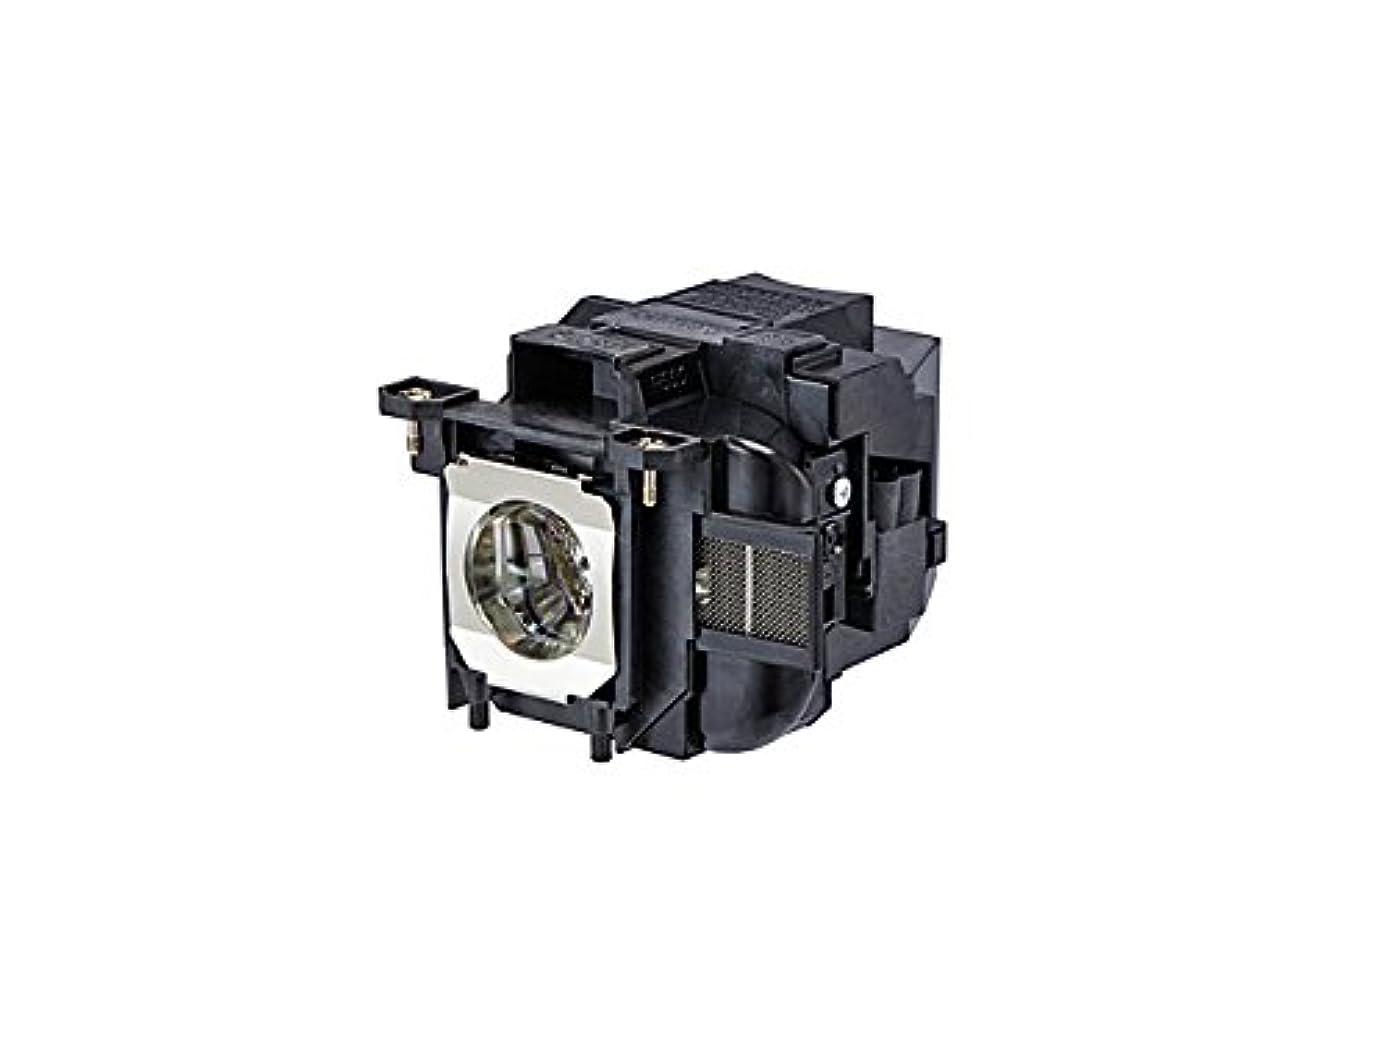 石簡略化する慢キヤノン SX7/X700用交換ランプ RS-LP04 2396B001